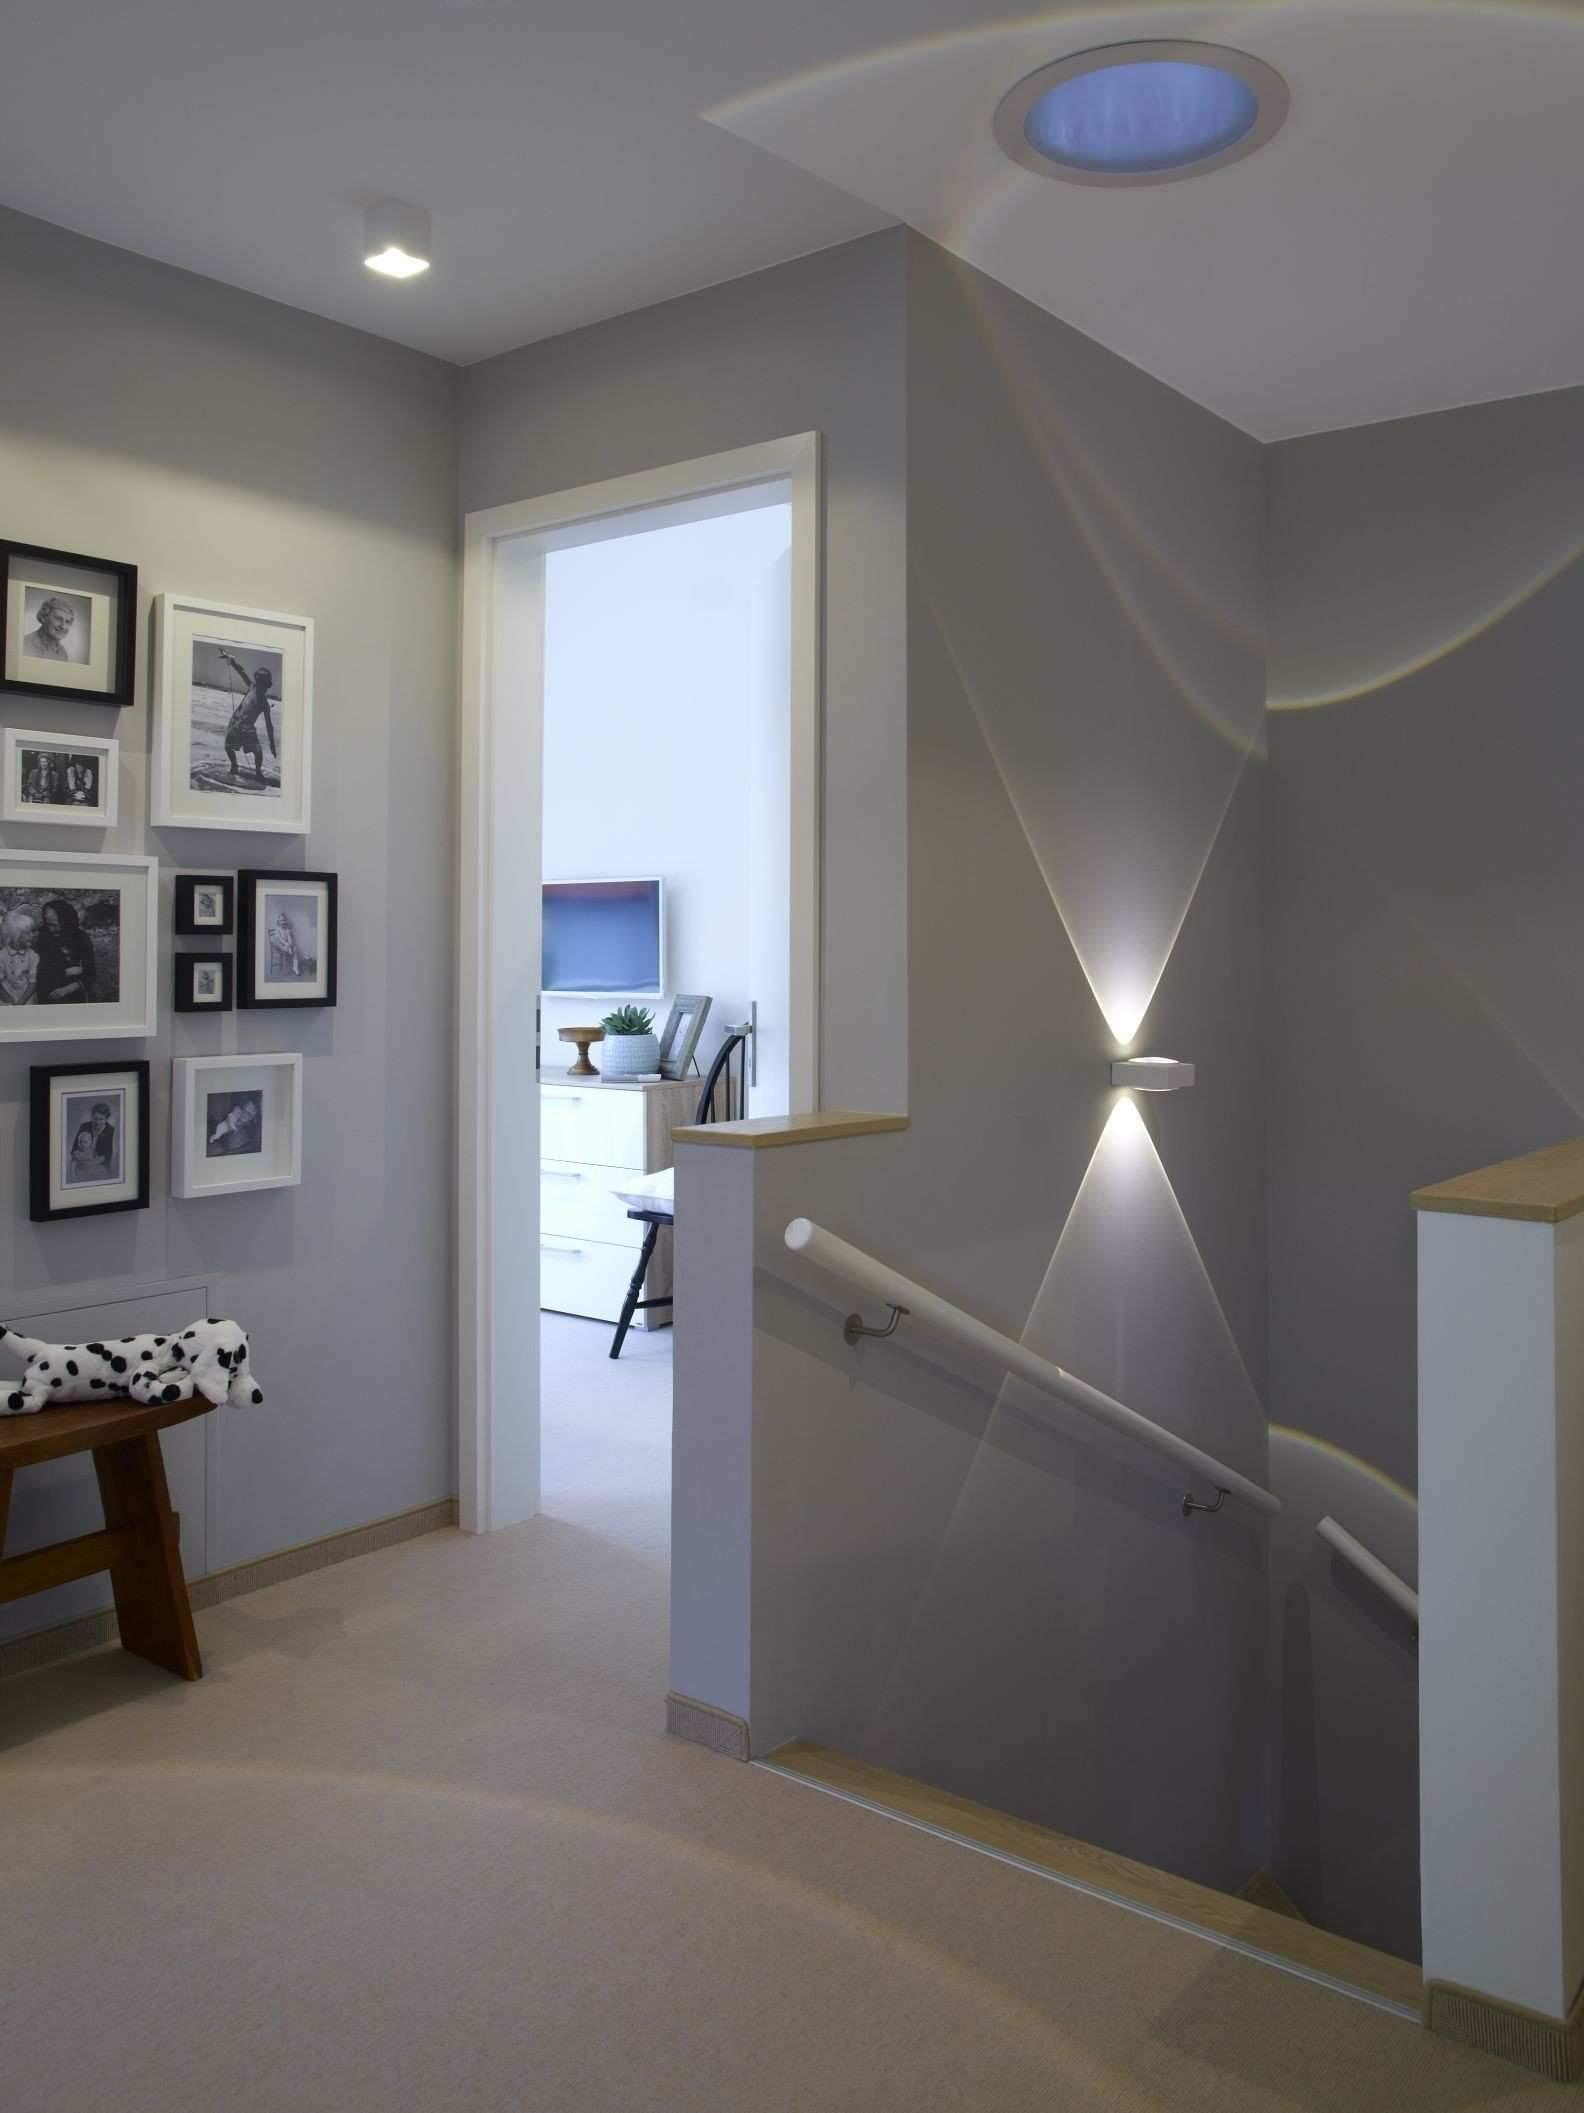 kleines wohnzimmer ideen genial 50 luxus von kleines wohnzimmer gestalten konzept of kleines wohnzimmer ideen